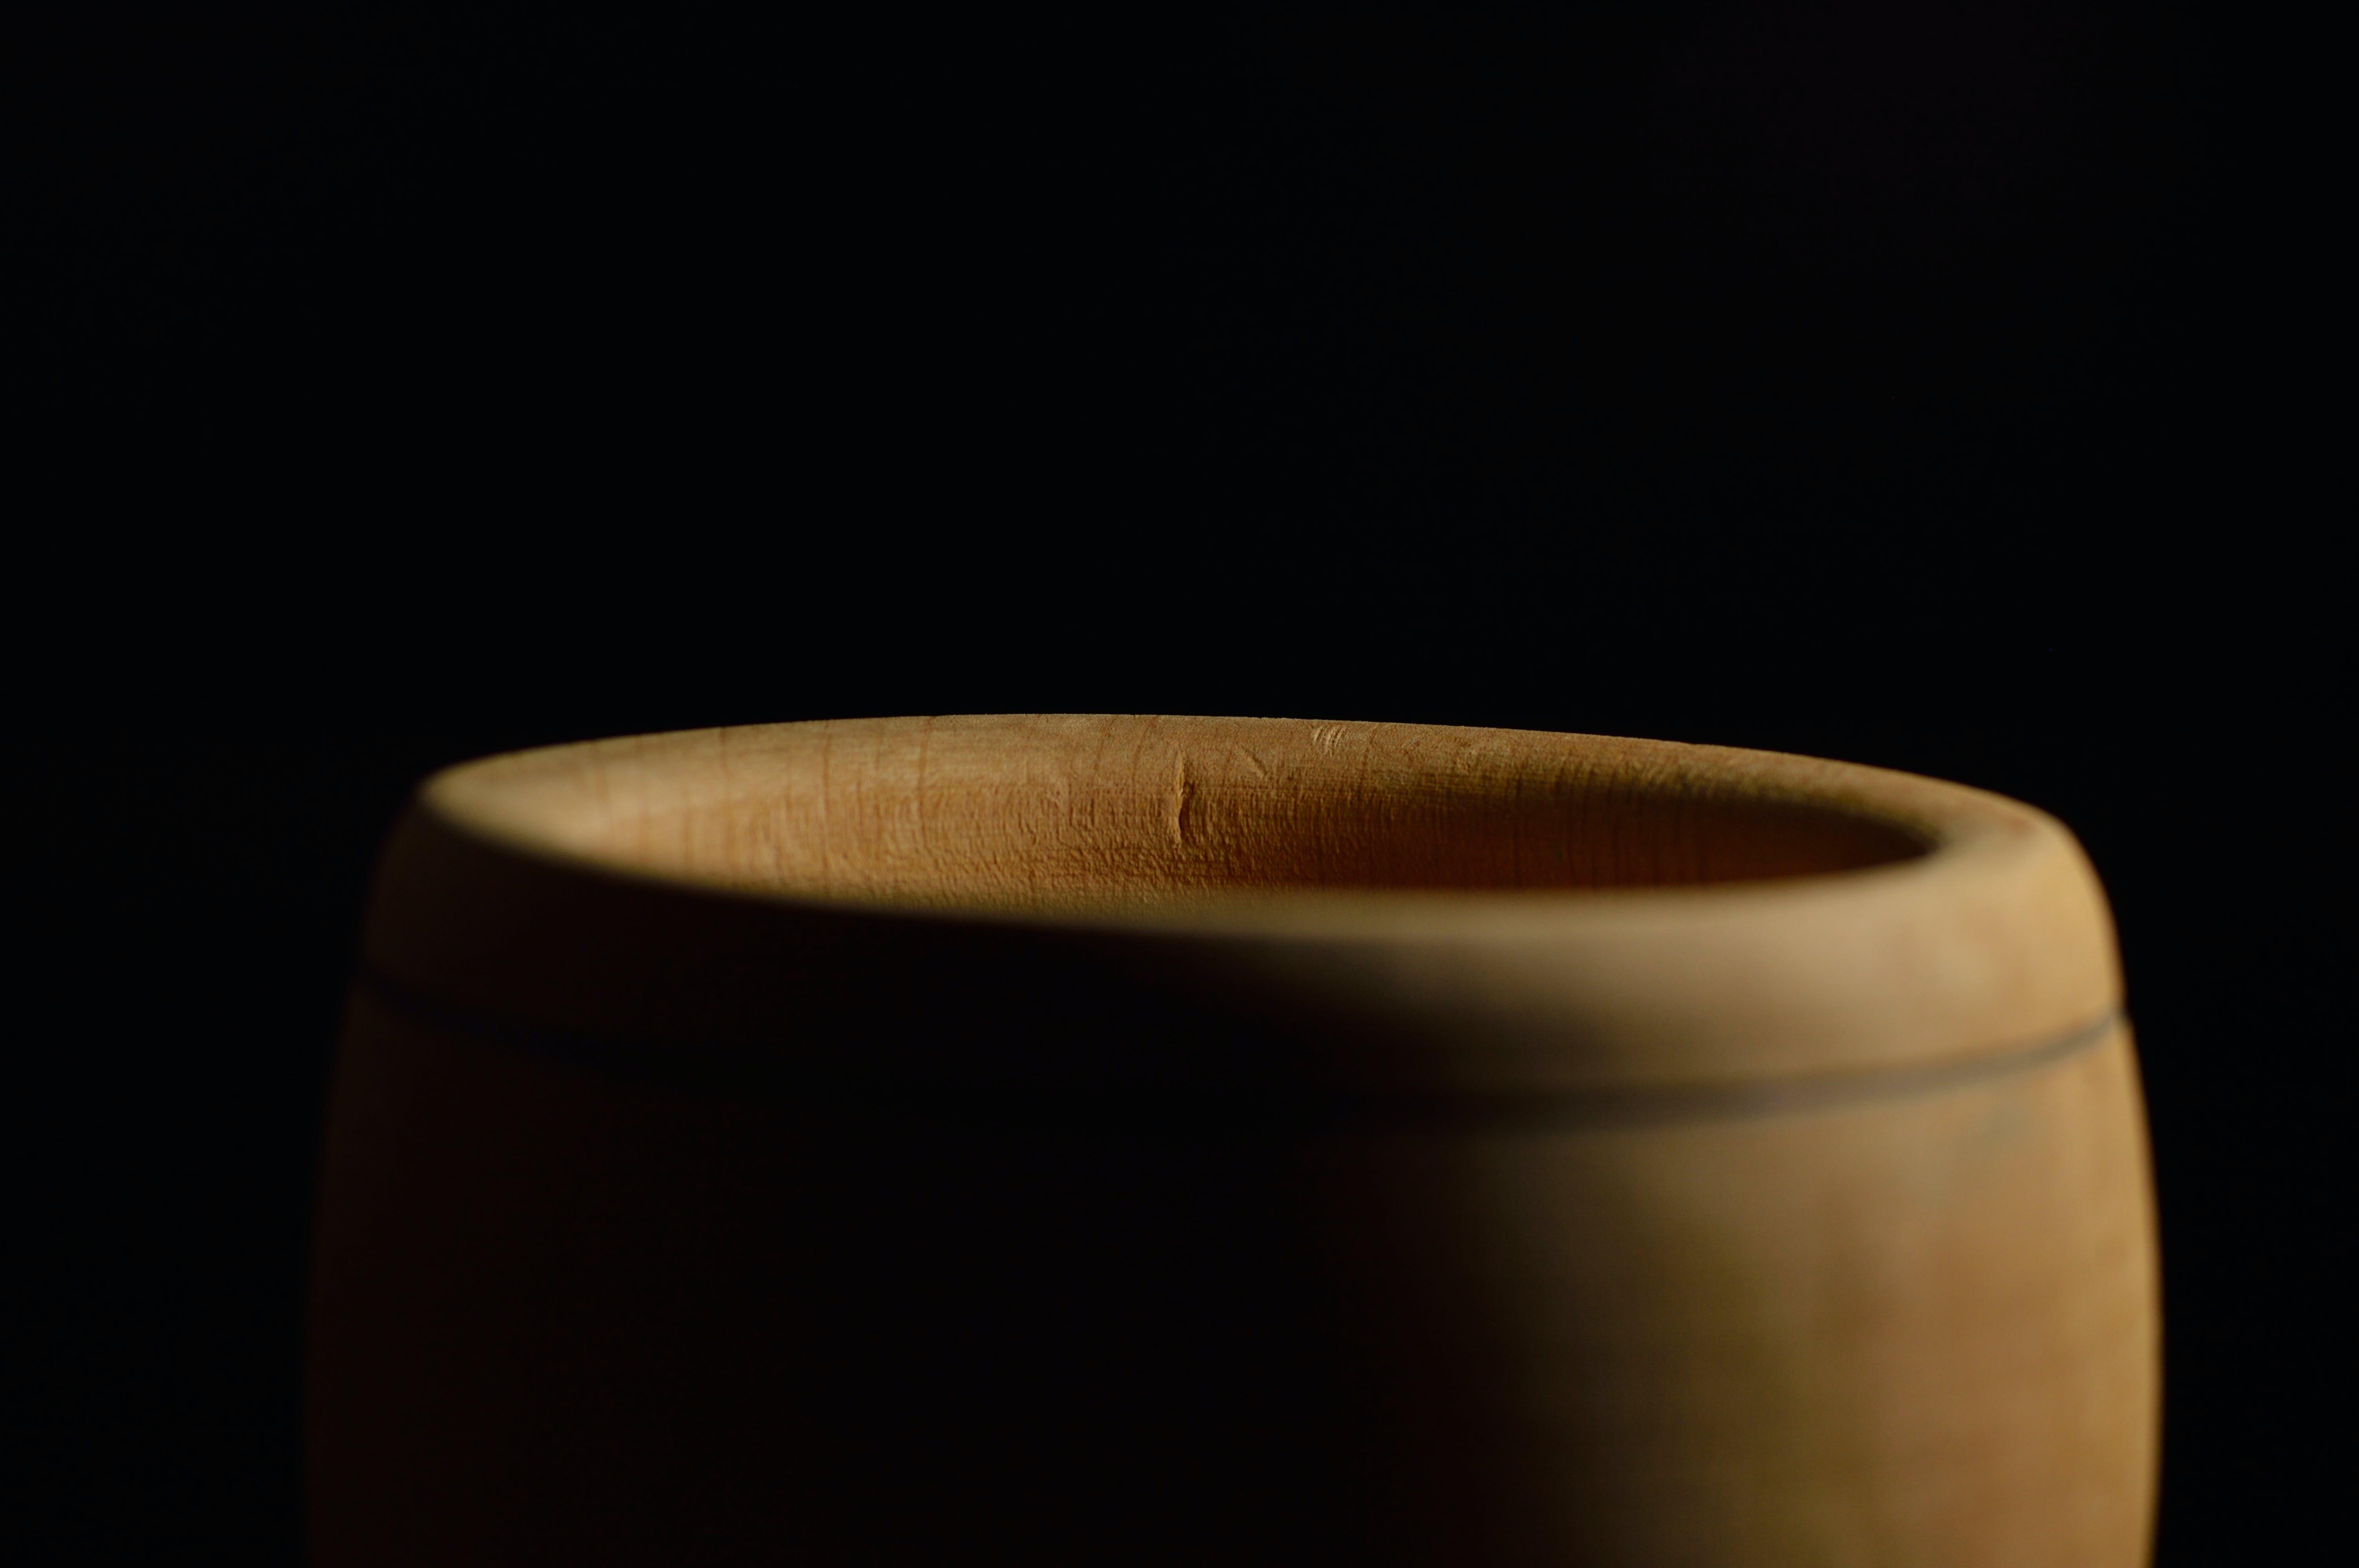 Brown Clay Vase